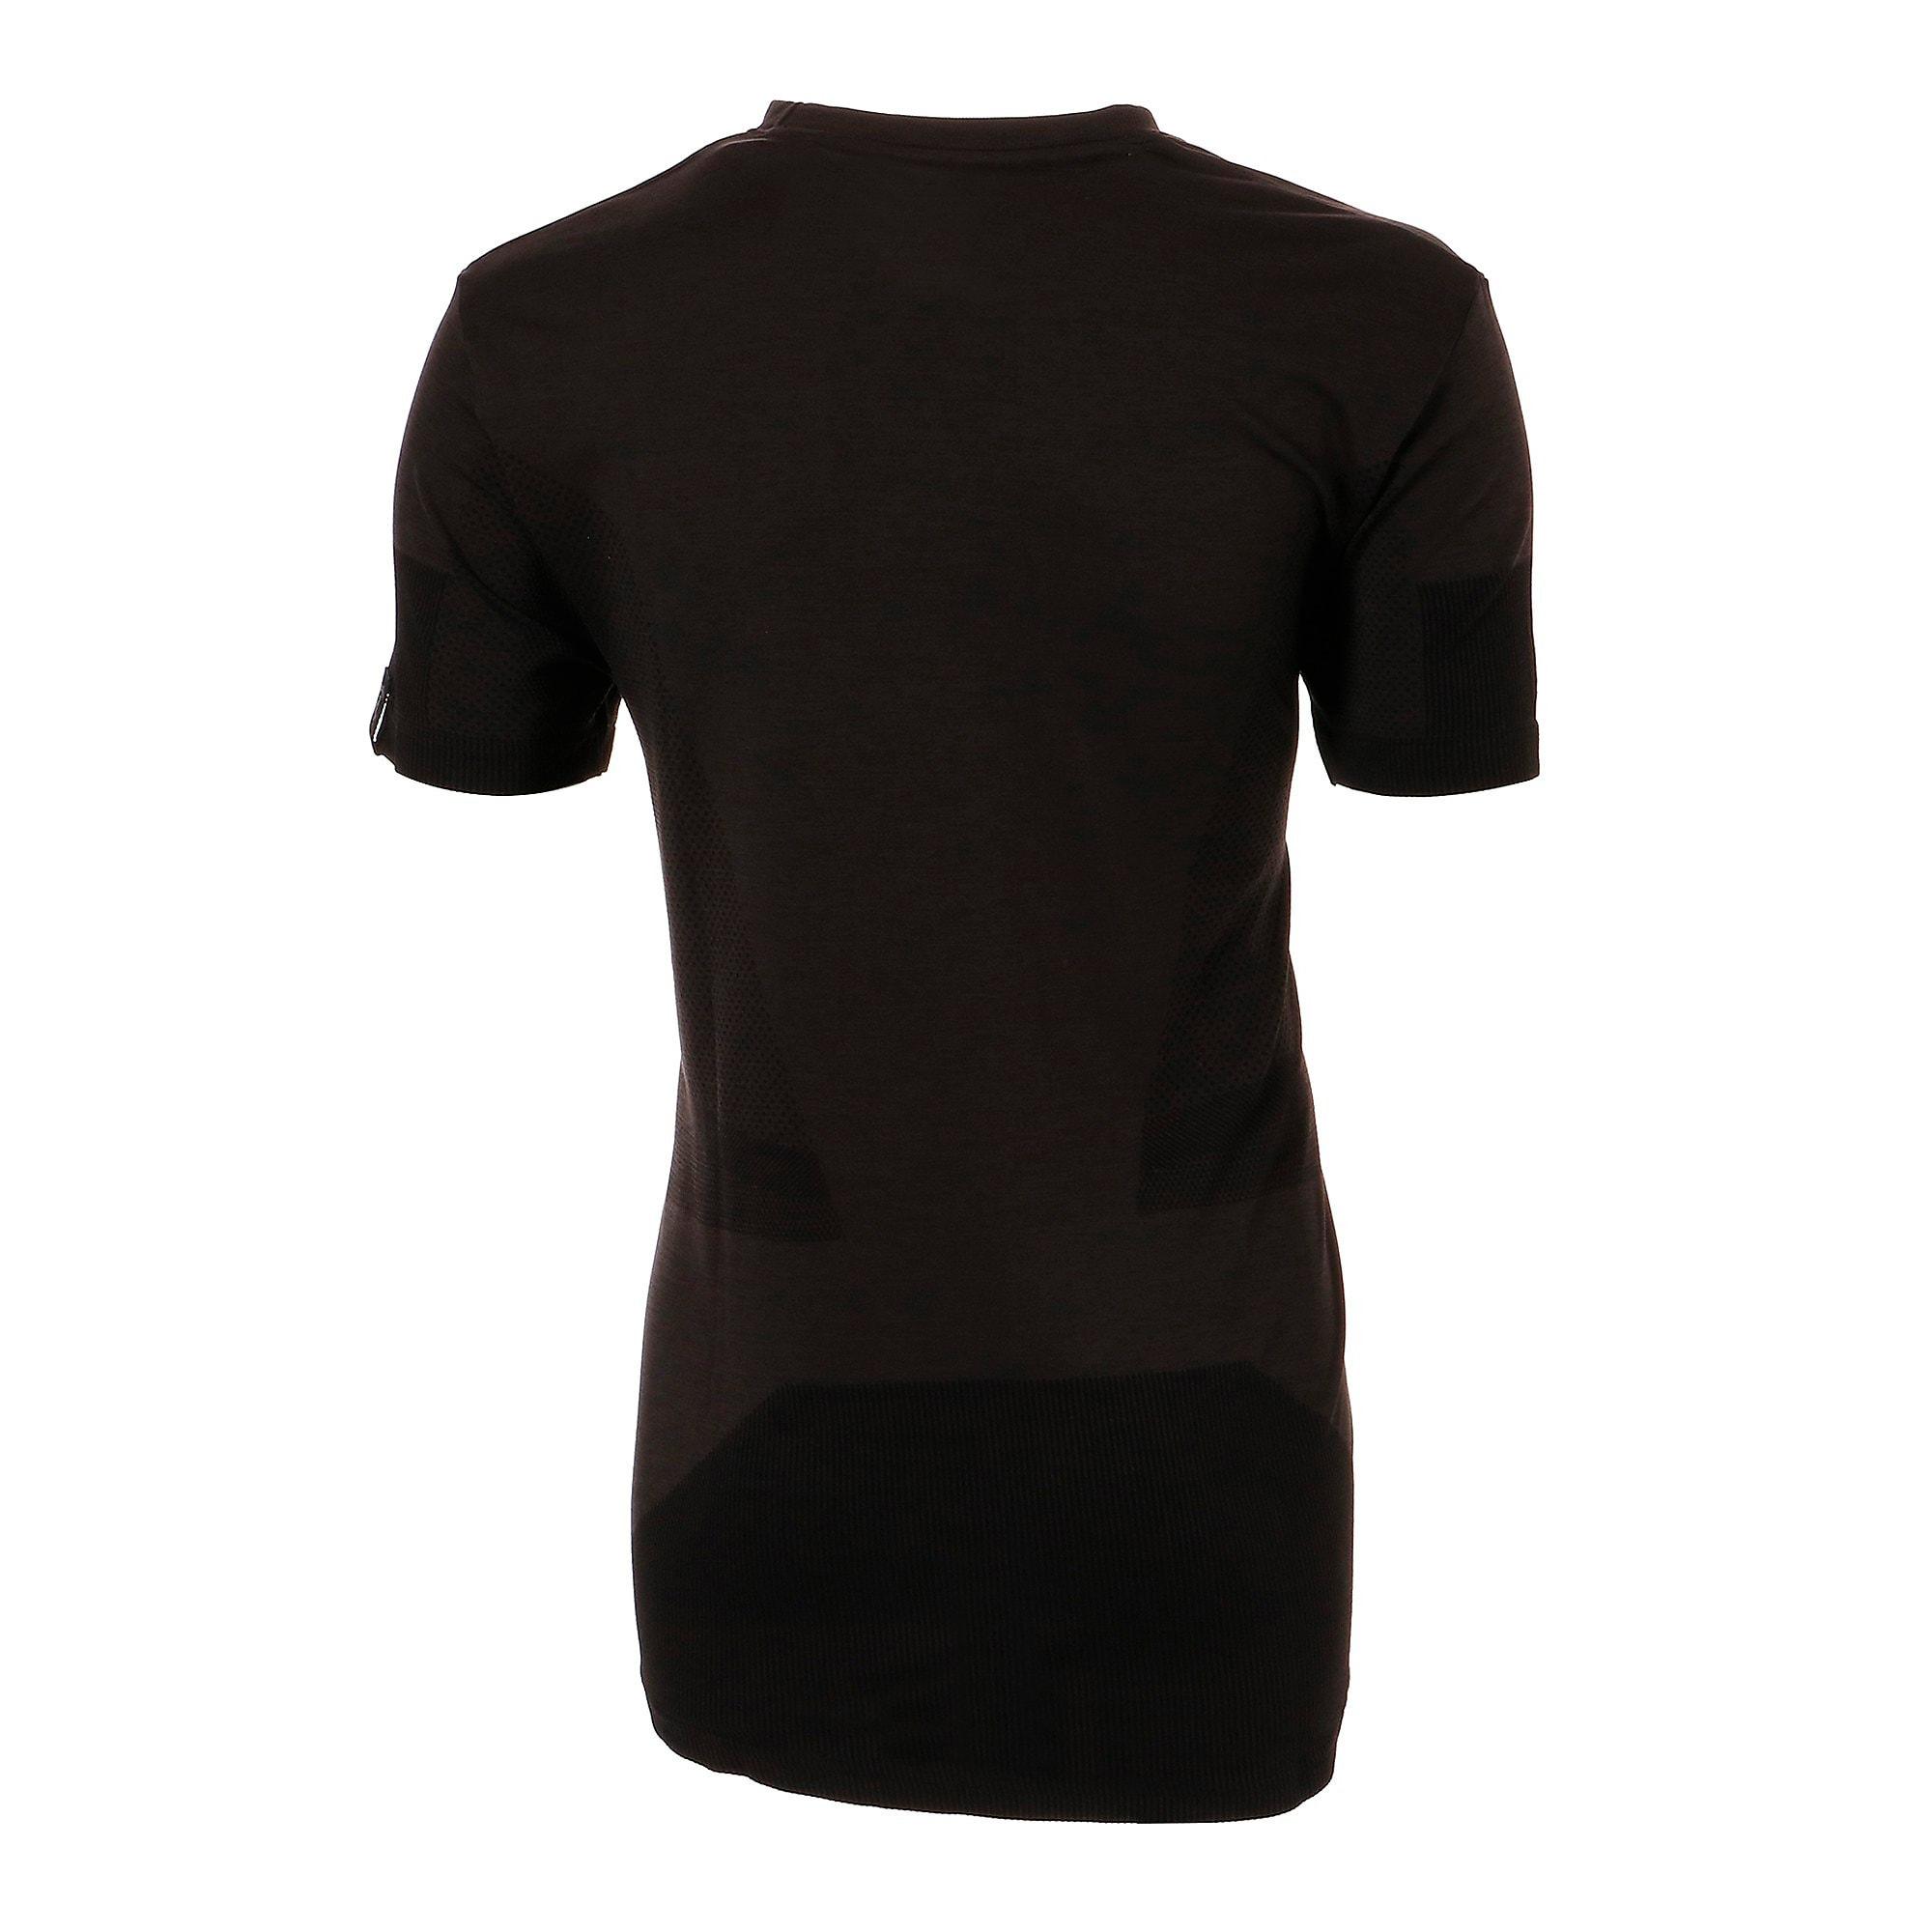 Miniatura 3 de Camiseta Scuderia FerrarievoKNIT para hombre, Puma Black, mediano